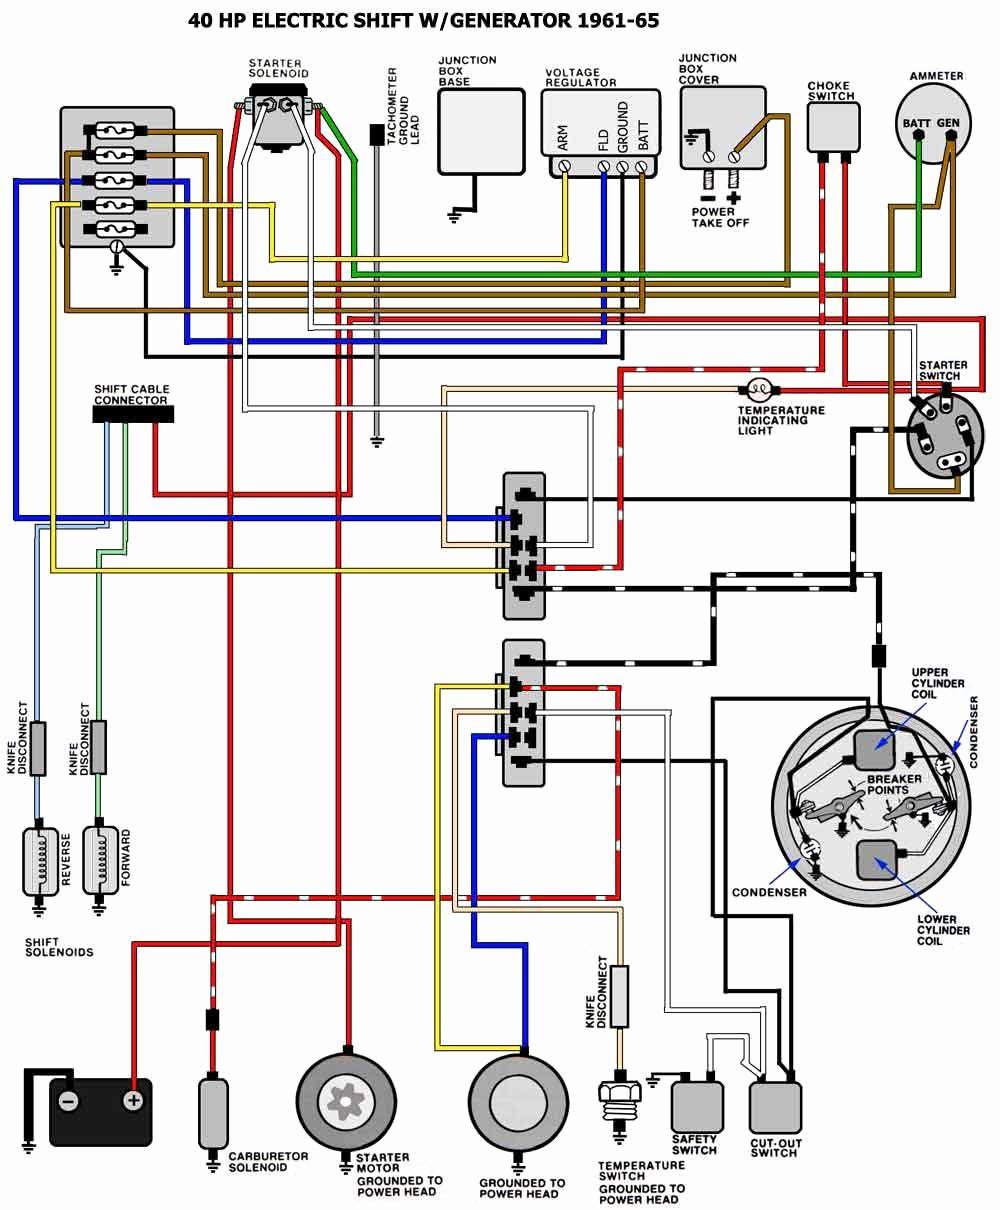 Suzuki Wire Diagram - Wiring Diagrams User